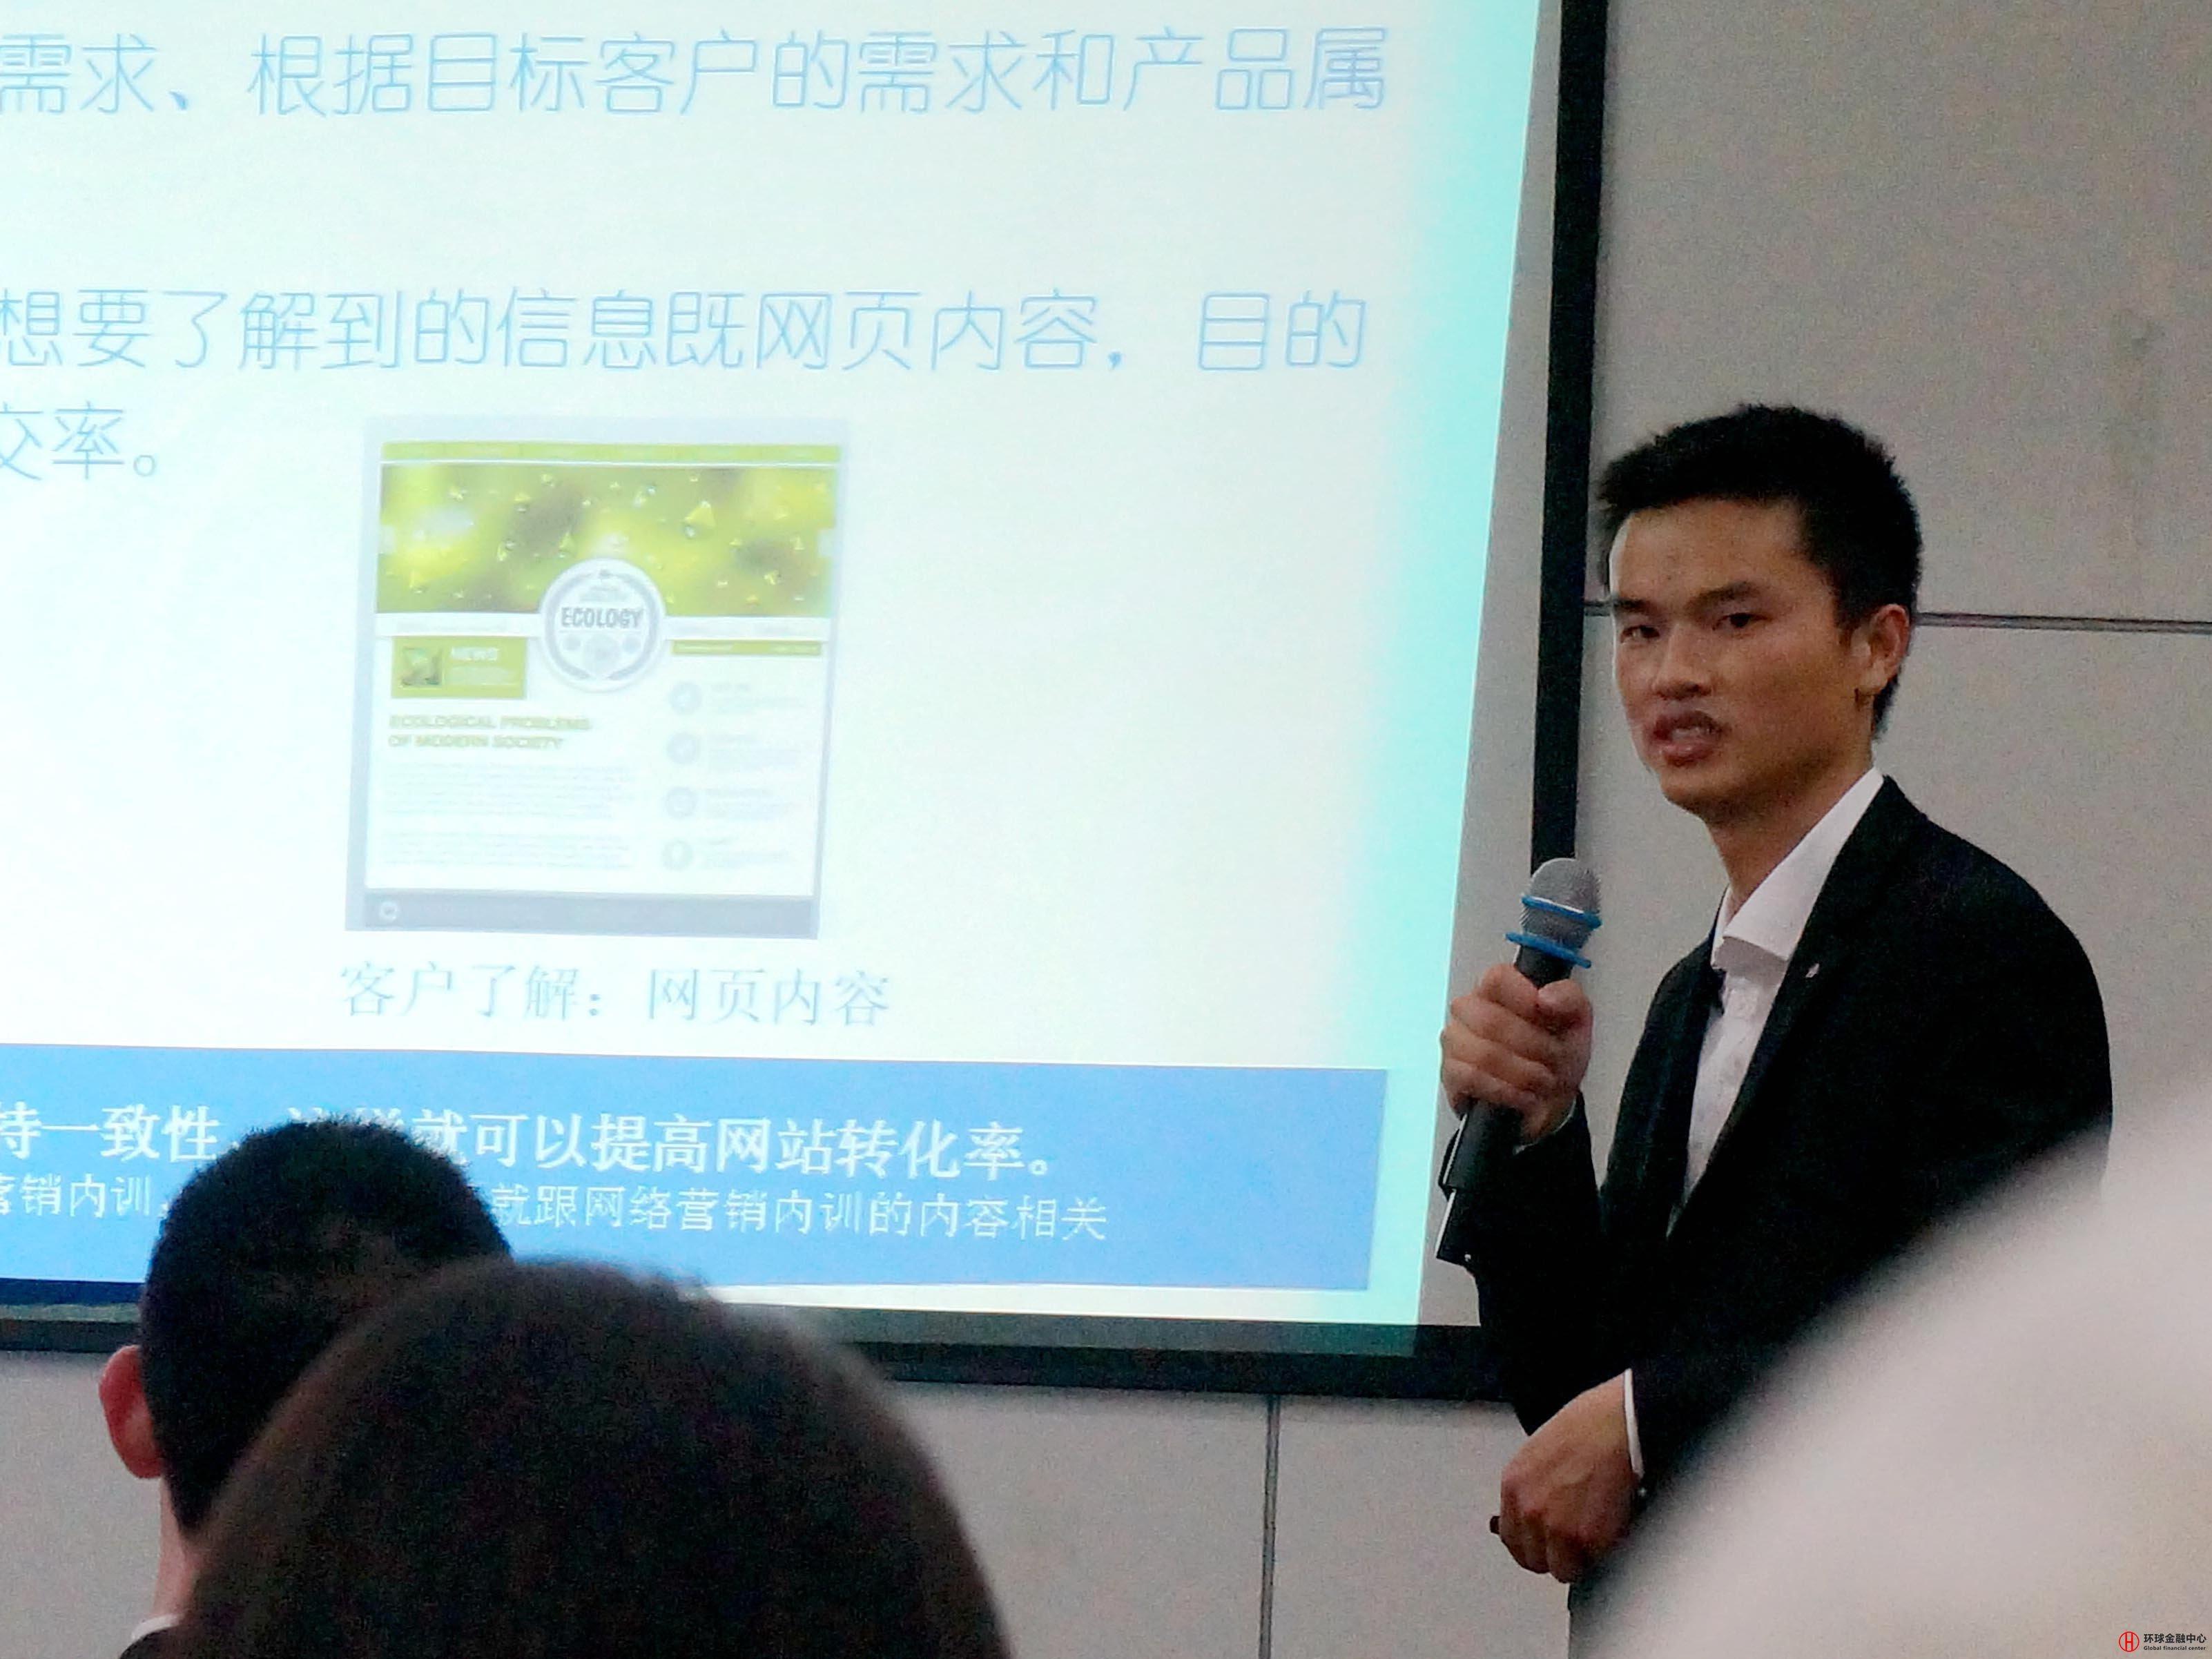 上海外国语大学邀请张泽华老师网络营销内训